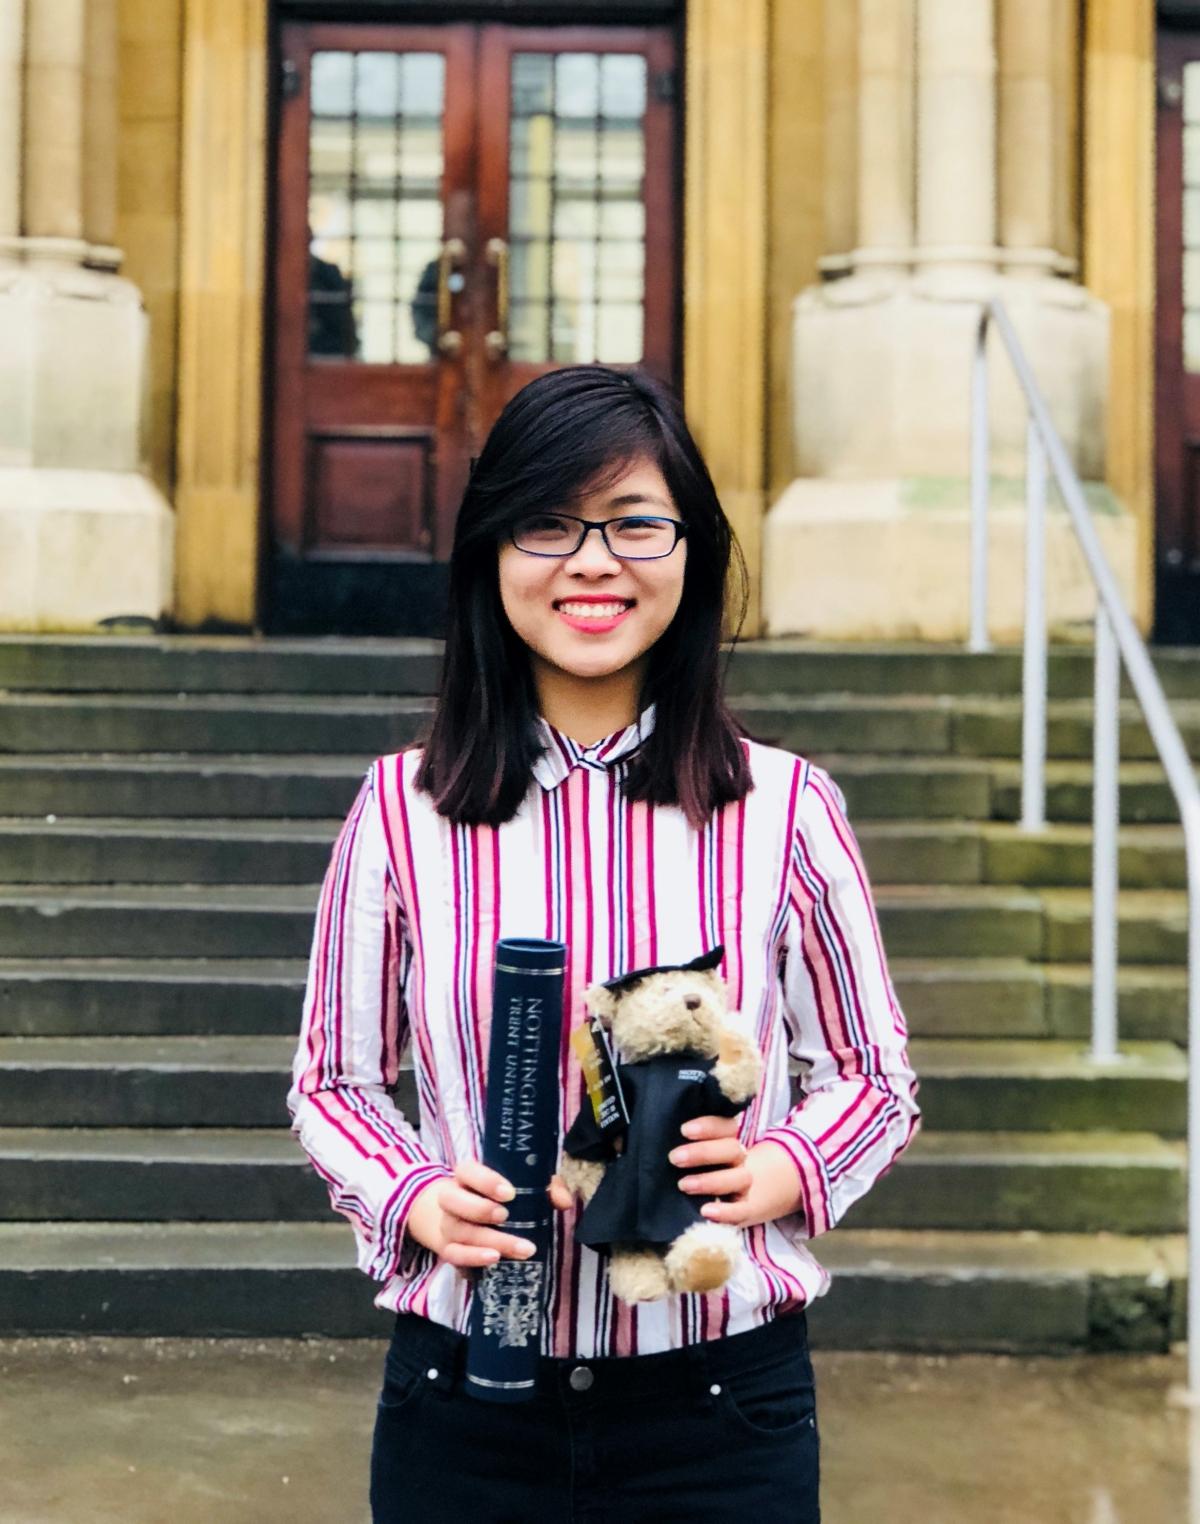 Chị Hoàng Ngọc Quỳnh, nghiên cứu sinh Đại học Lancaster, Anh. Ảnh: Nhân vật cung cấp